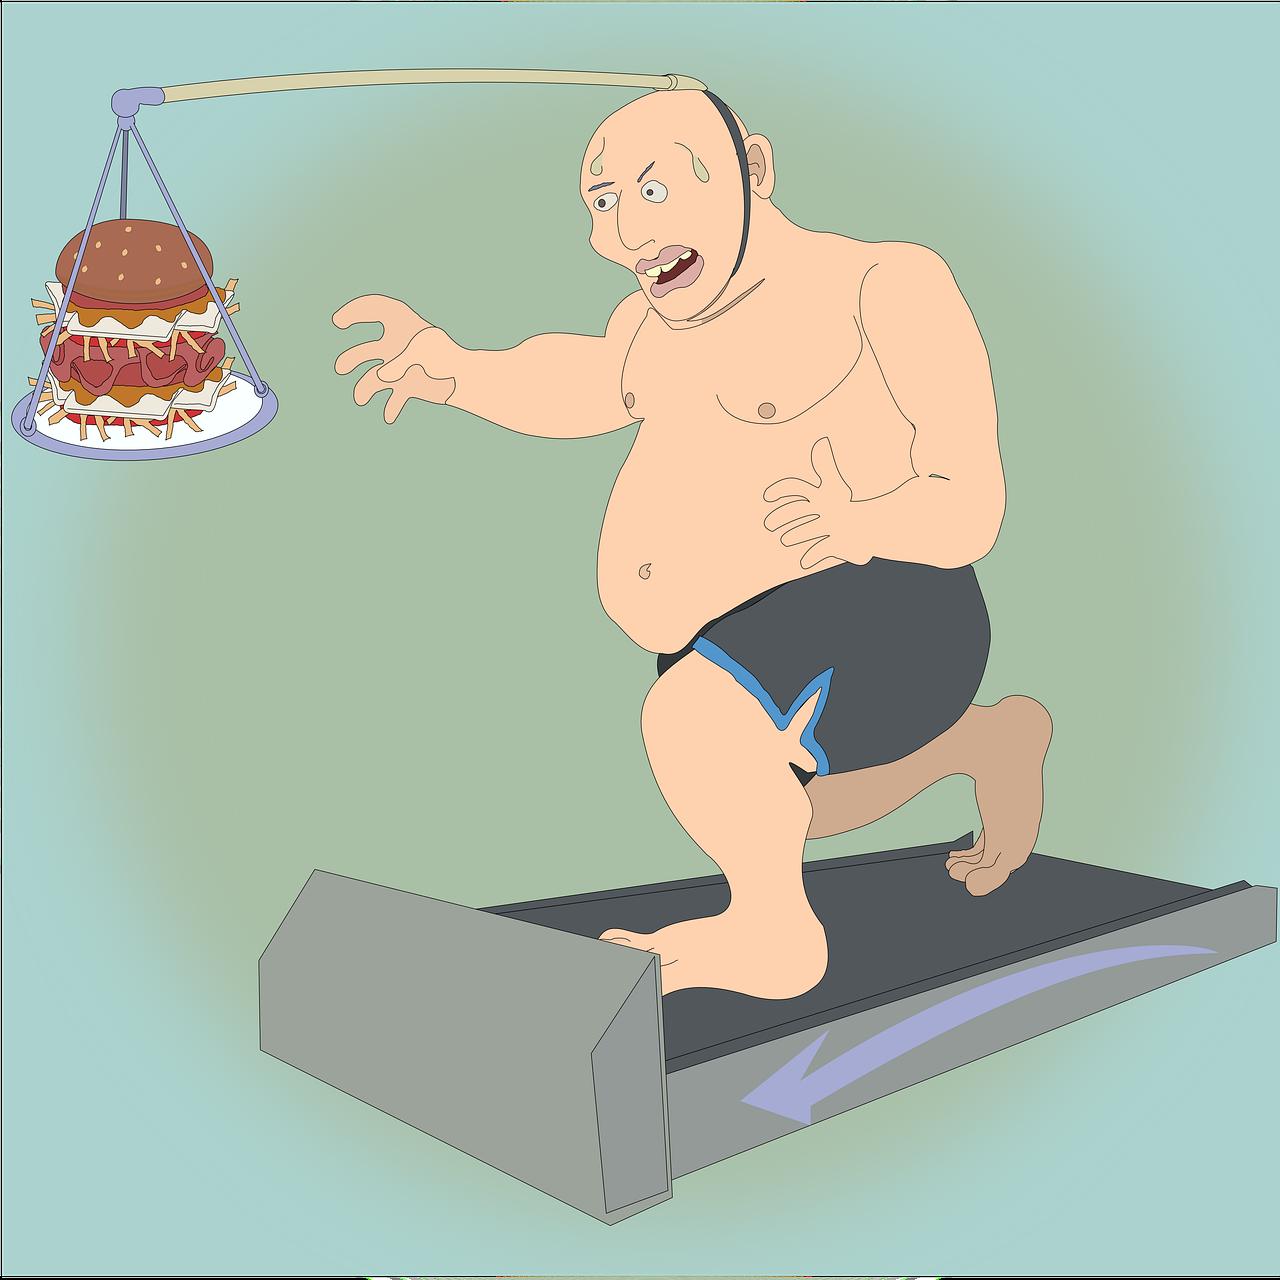 que ejercicios puedo hacer si soy obeso